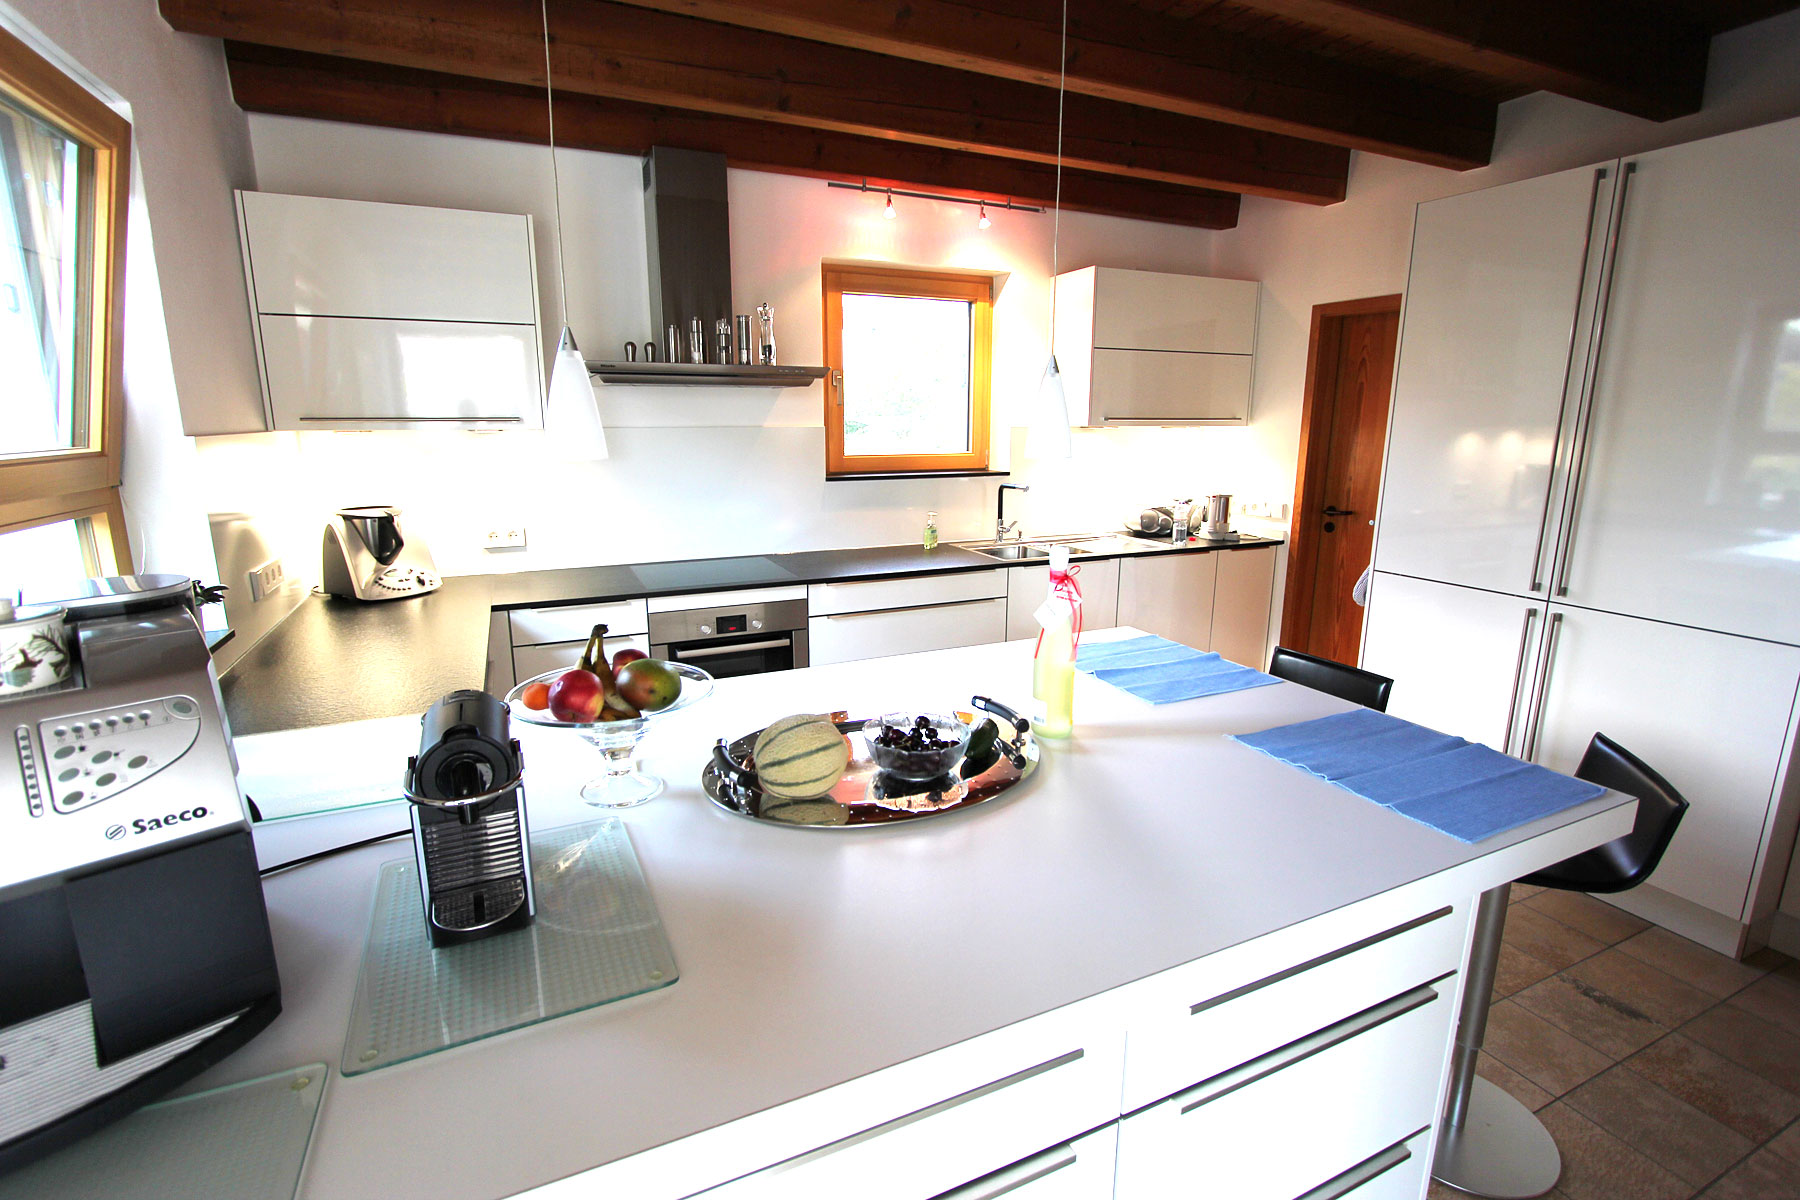 Full Size of Referenzen Kchenideen Schraivogel Ihr Musterhaus Kchen Wohnzimmer Küchenideen